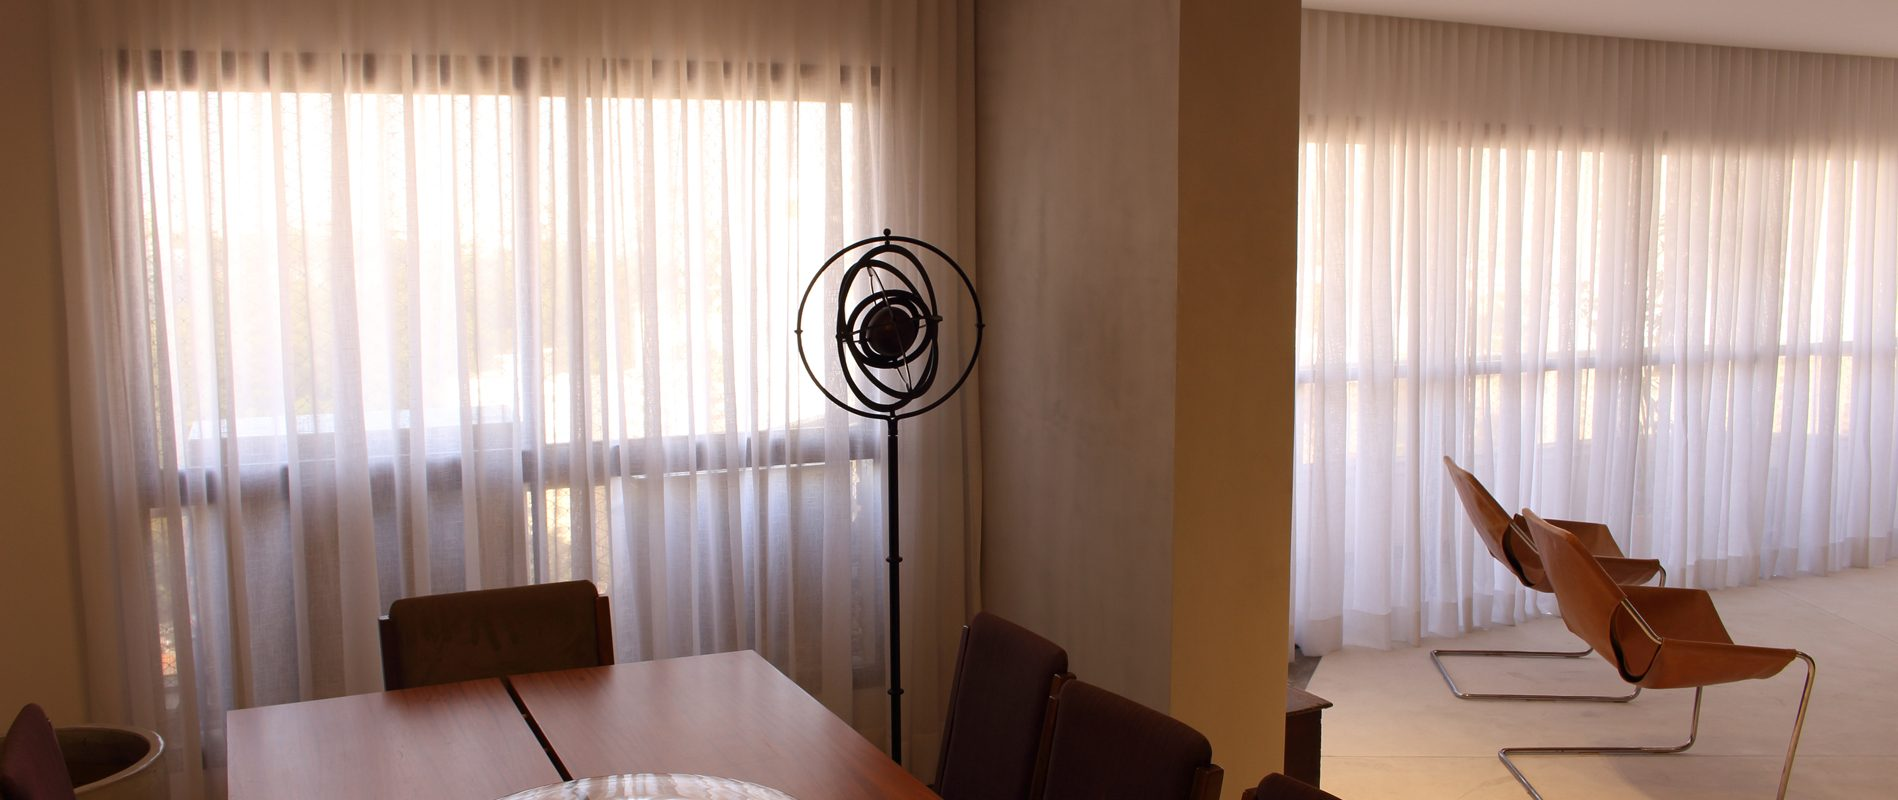 Sala de estar e jantar com cortina wave - portifólio